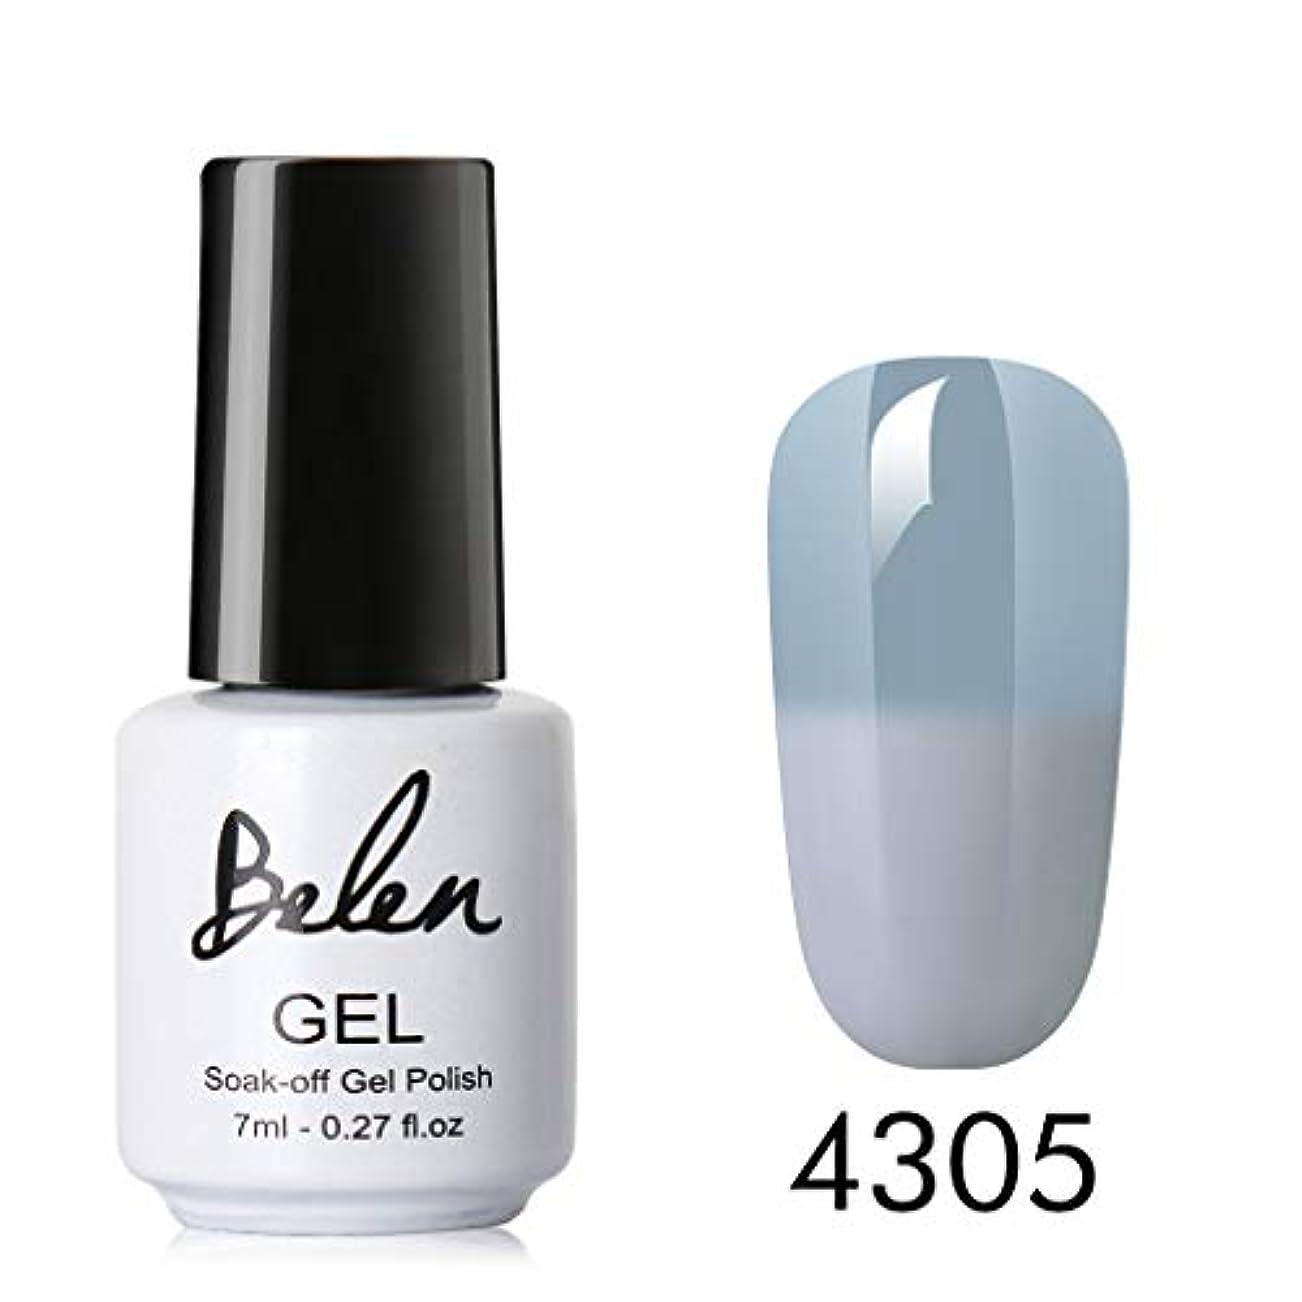 余韻ワット適性Belen ジェルネイル カラージェル グレー カメレオンカラージェル 温度により色が変化 1色入り 8ml 【全9色選択可】